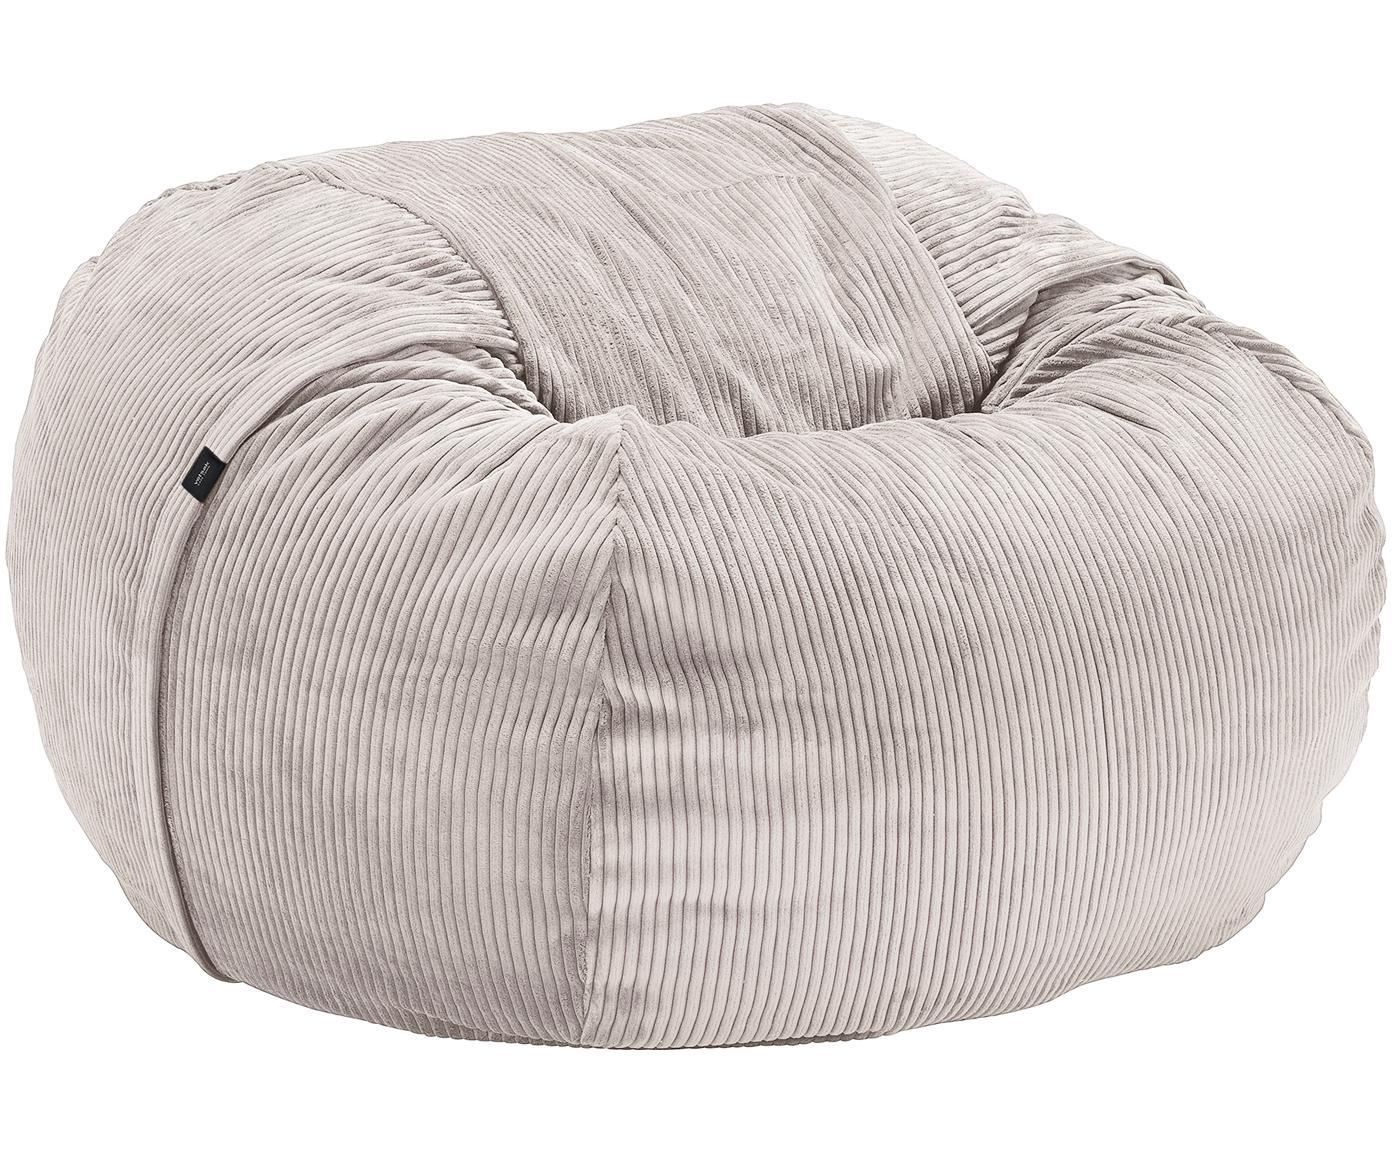 Cord-Sitzsack Velours, Bezug: 88% Nylon, 12% Polyester , Platinfarben, Ø 110 x H 70 cm